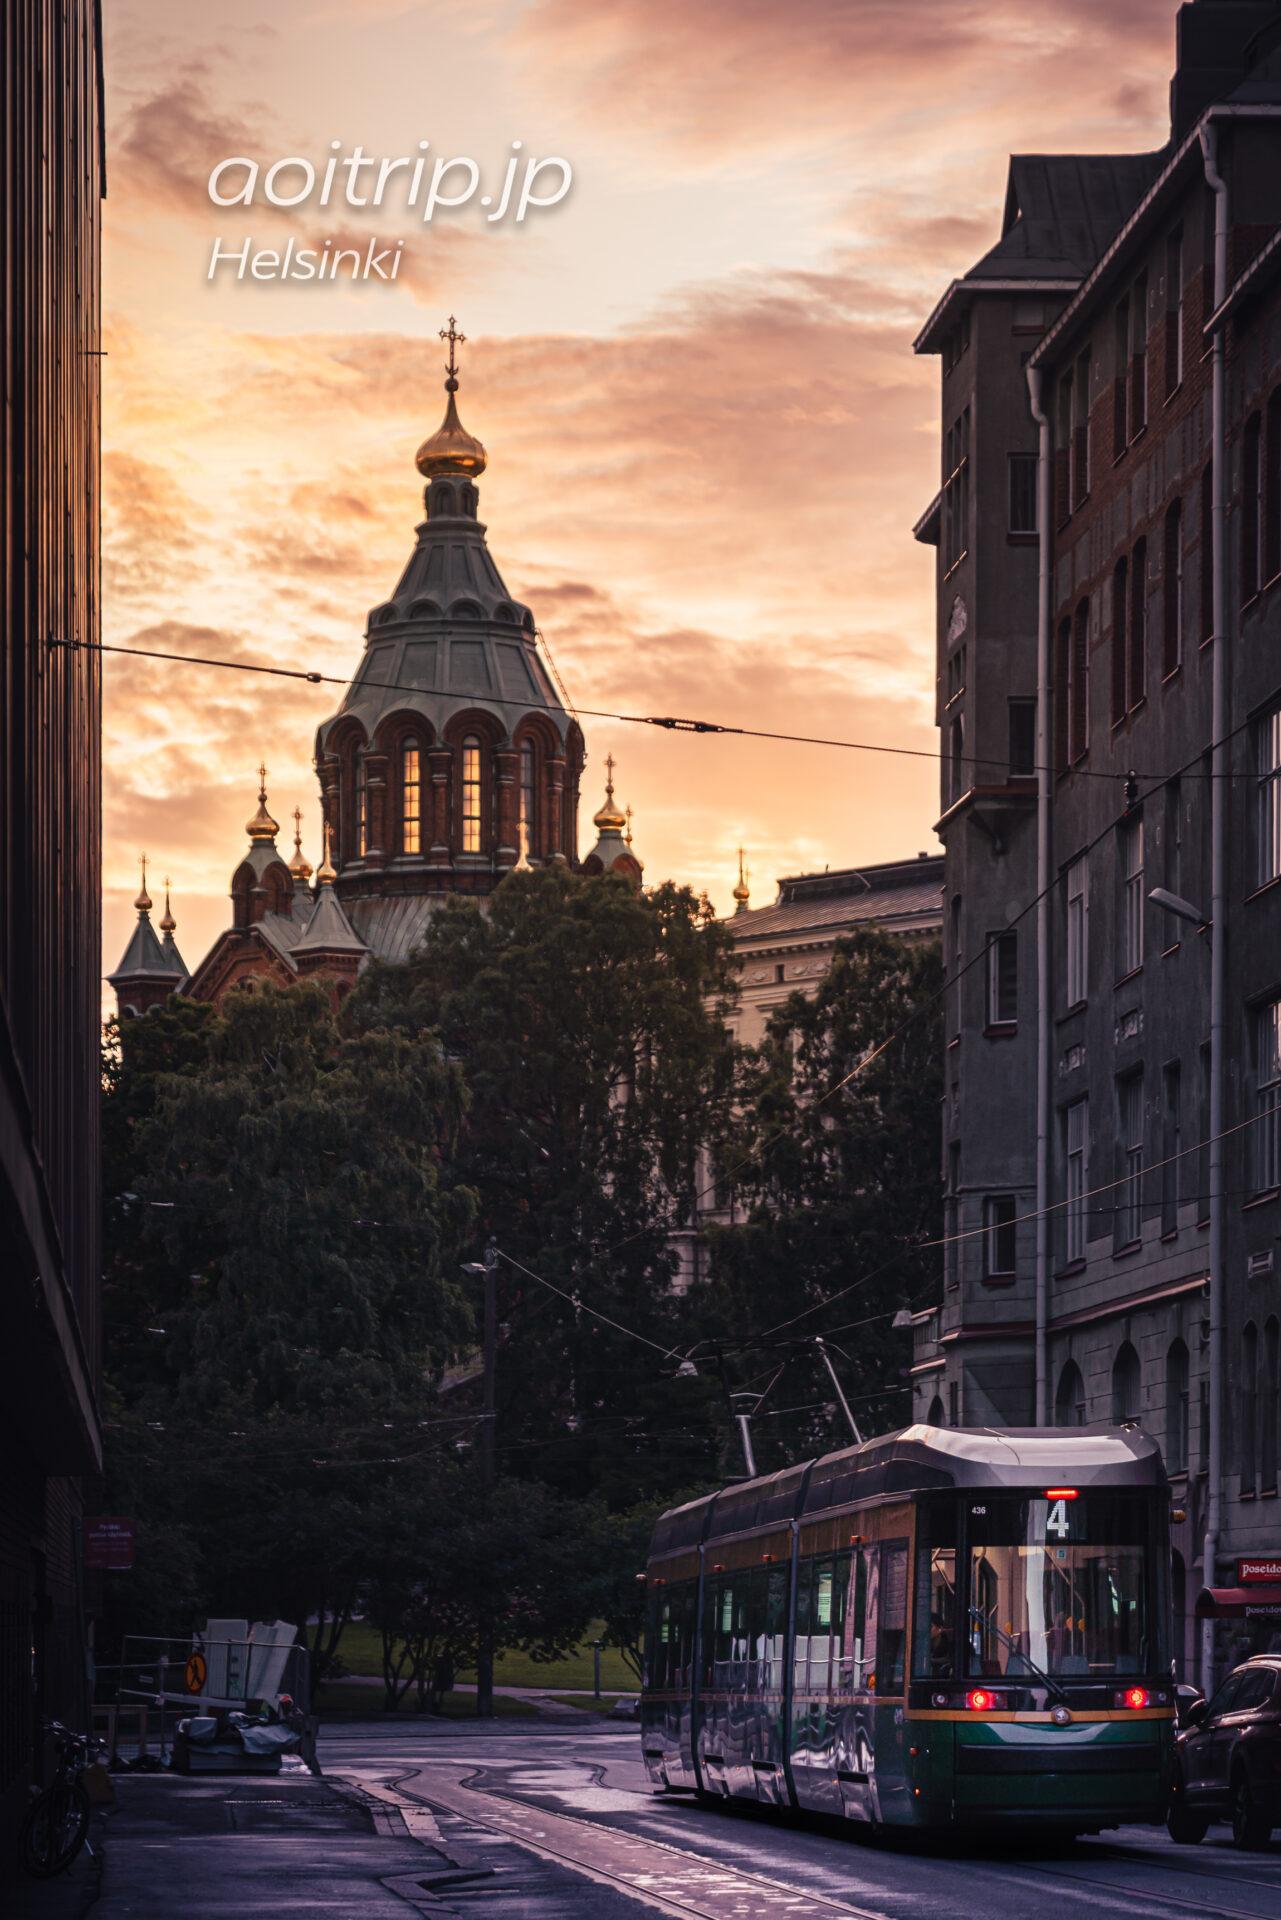 ヘルシンキの生神女就寝大聖堂